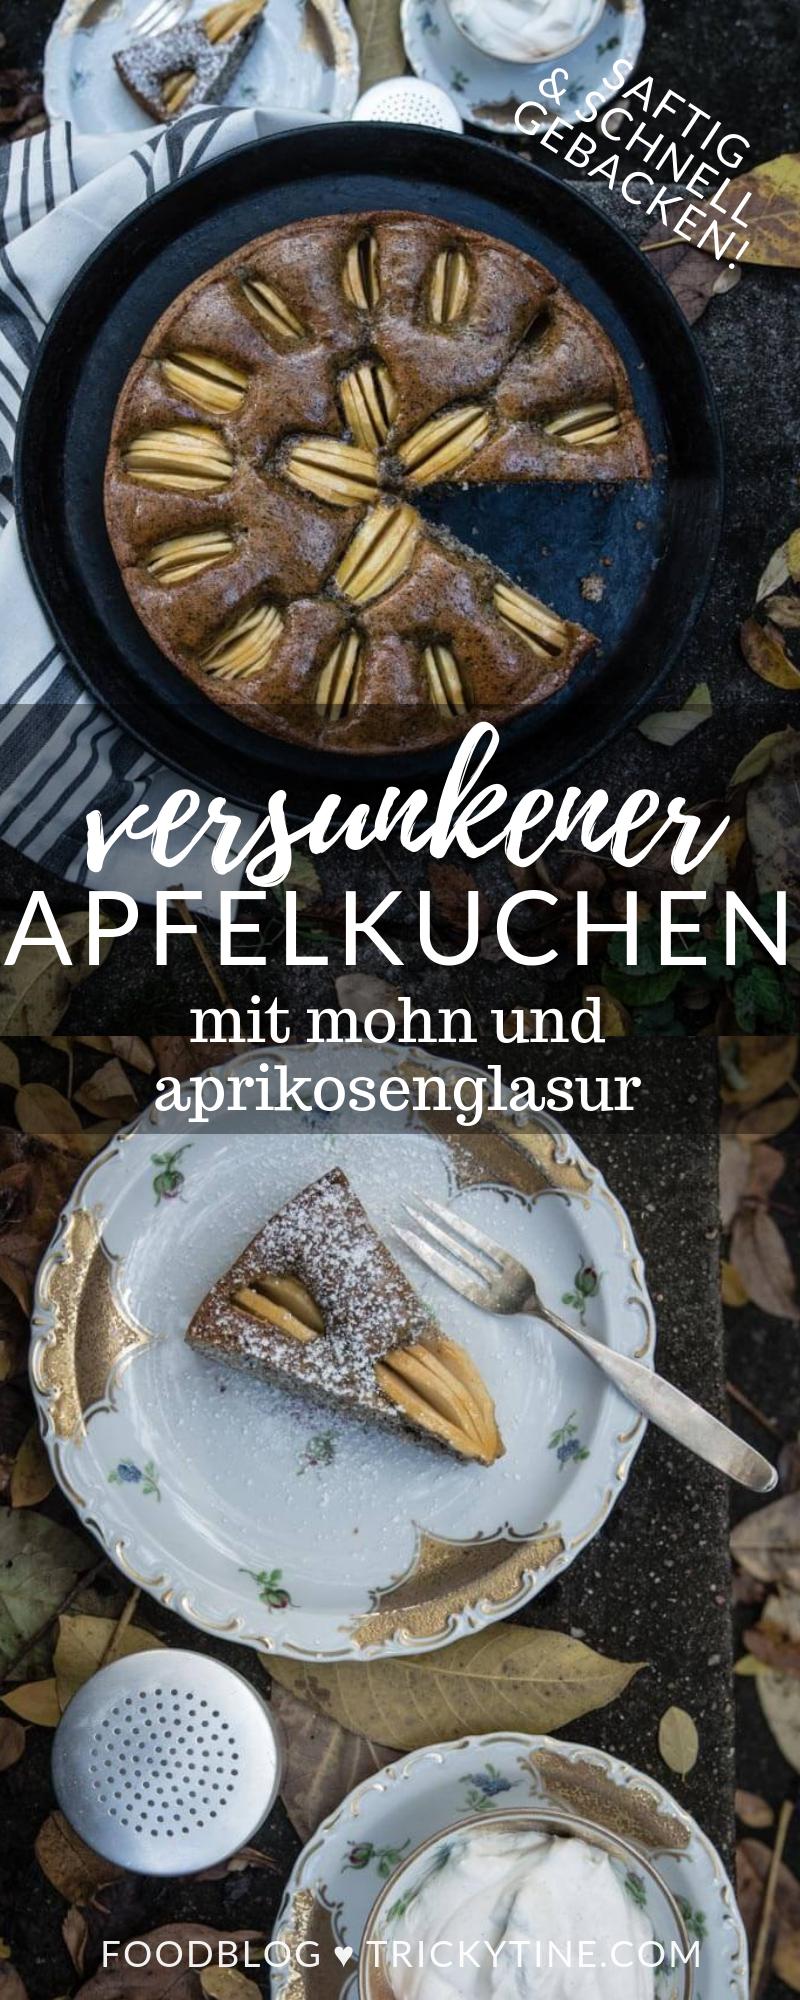 versunkener apfelkuchen pinterest trickytine